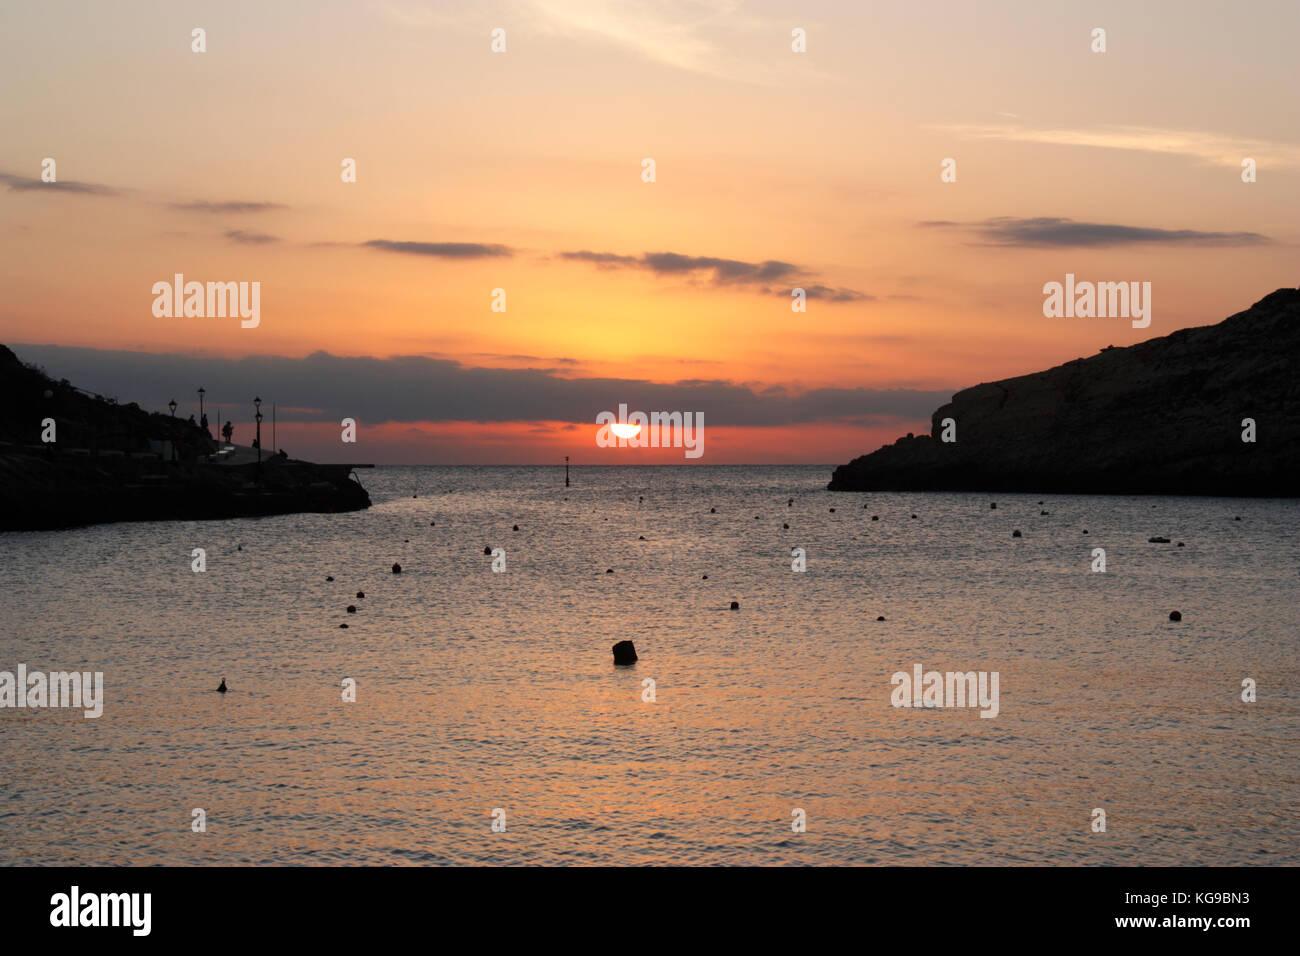 Coucher de soleil sur la mer Méditerranée, comme vu de la station balnéaire de Xlendi à Gozo, Photo Stock